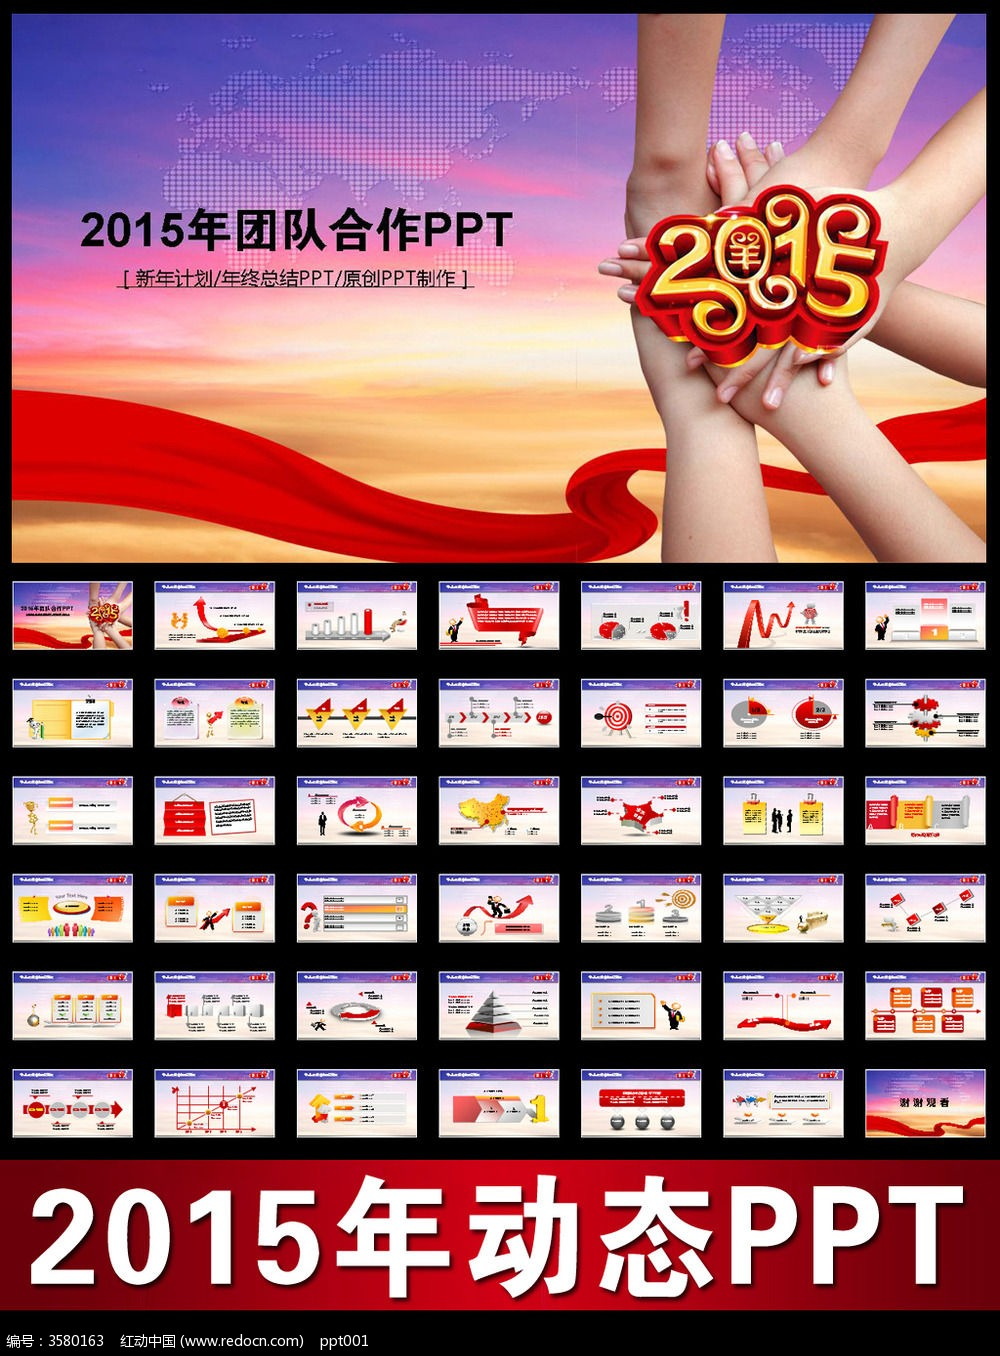 2015 业绩 新年 春节 元旦 年会 茶话会 年终总结 新年计划 PPT PPT